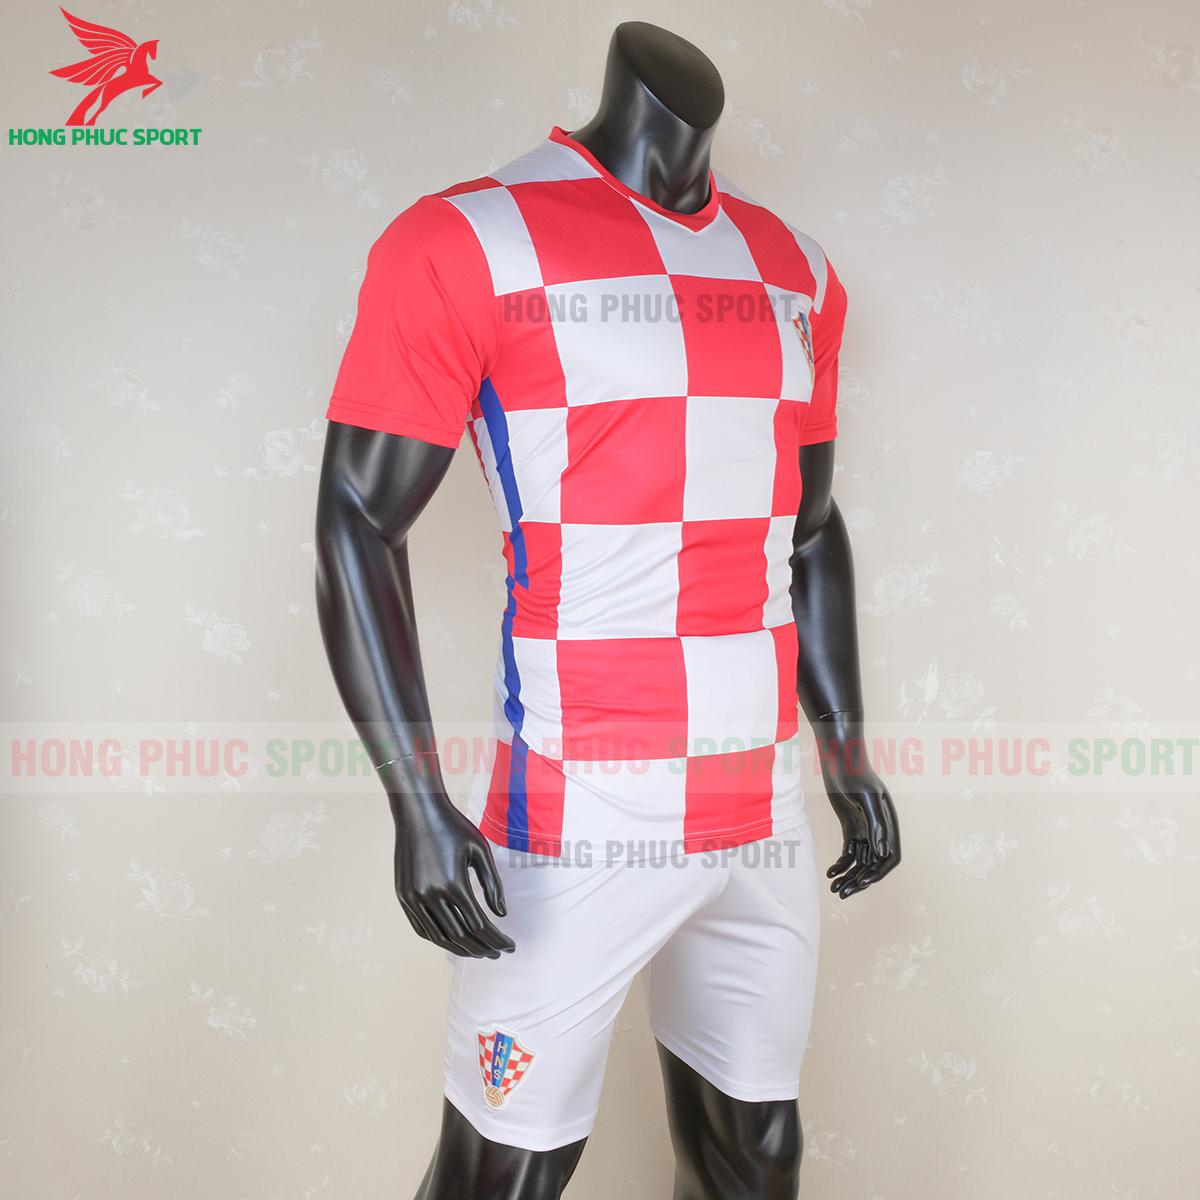 Áo đấu tuyển Croatia 2020 sân nhà 1 (phải)